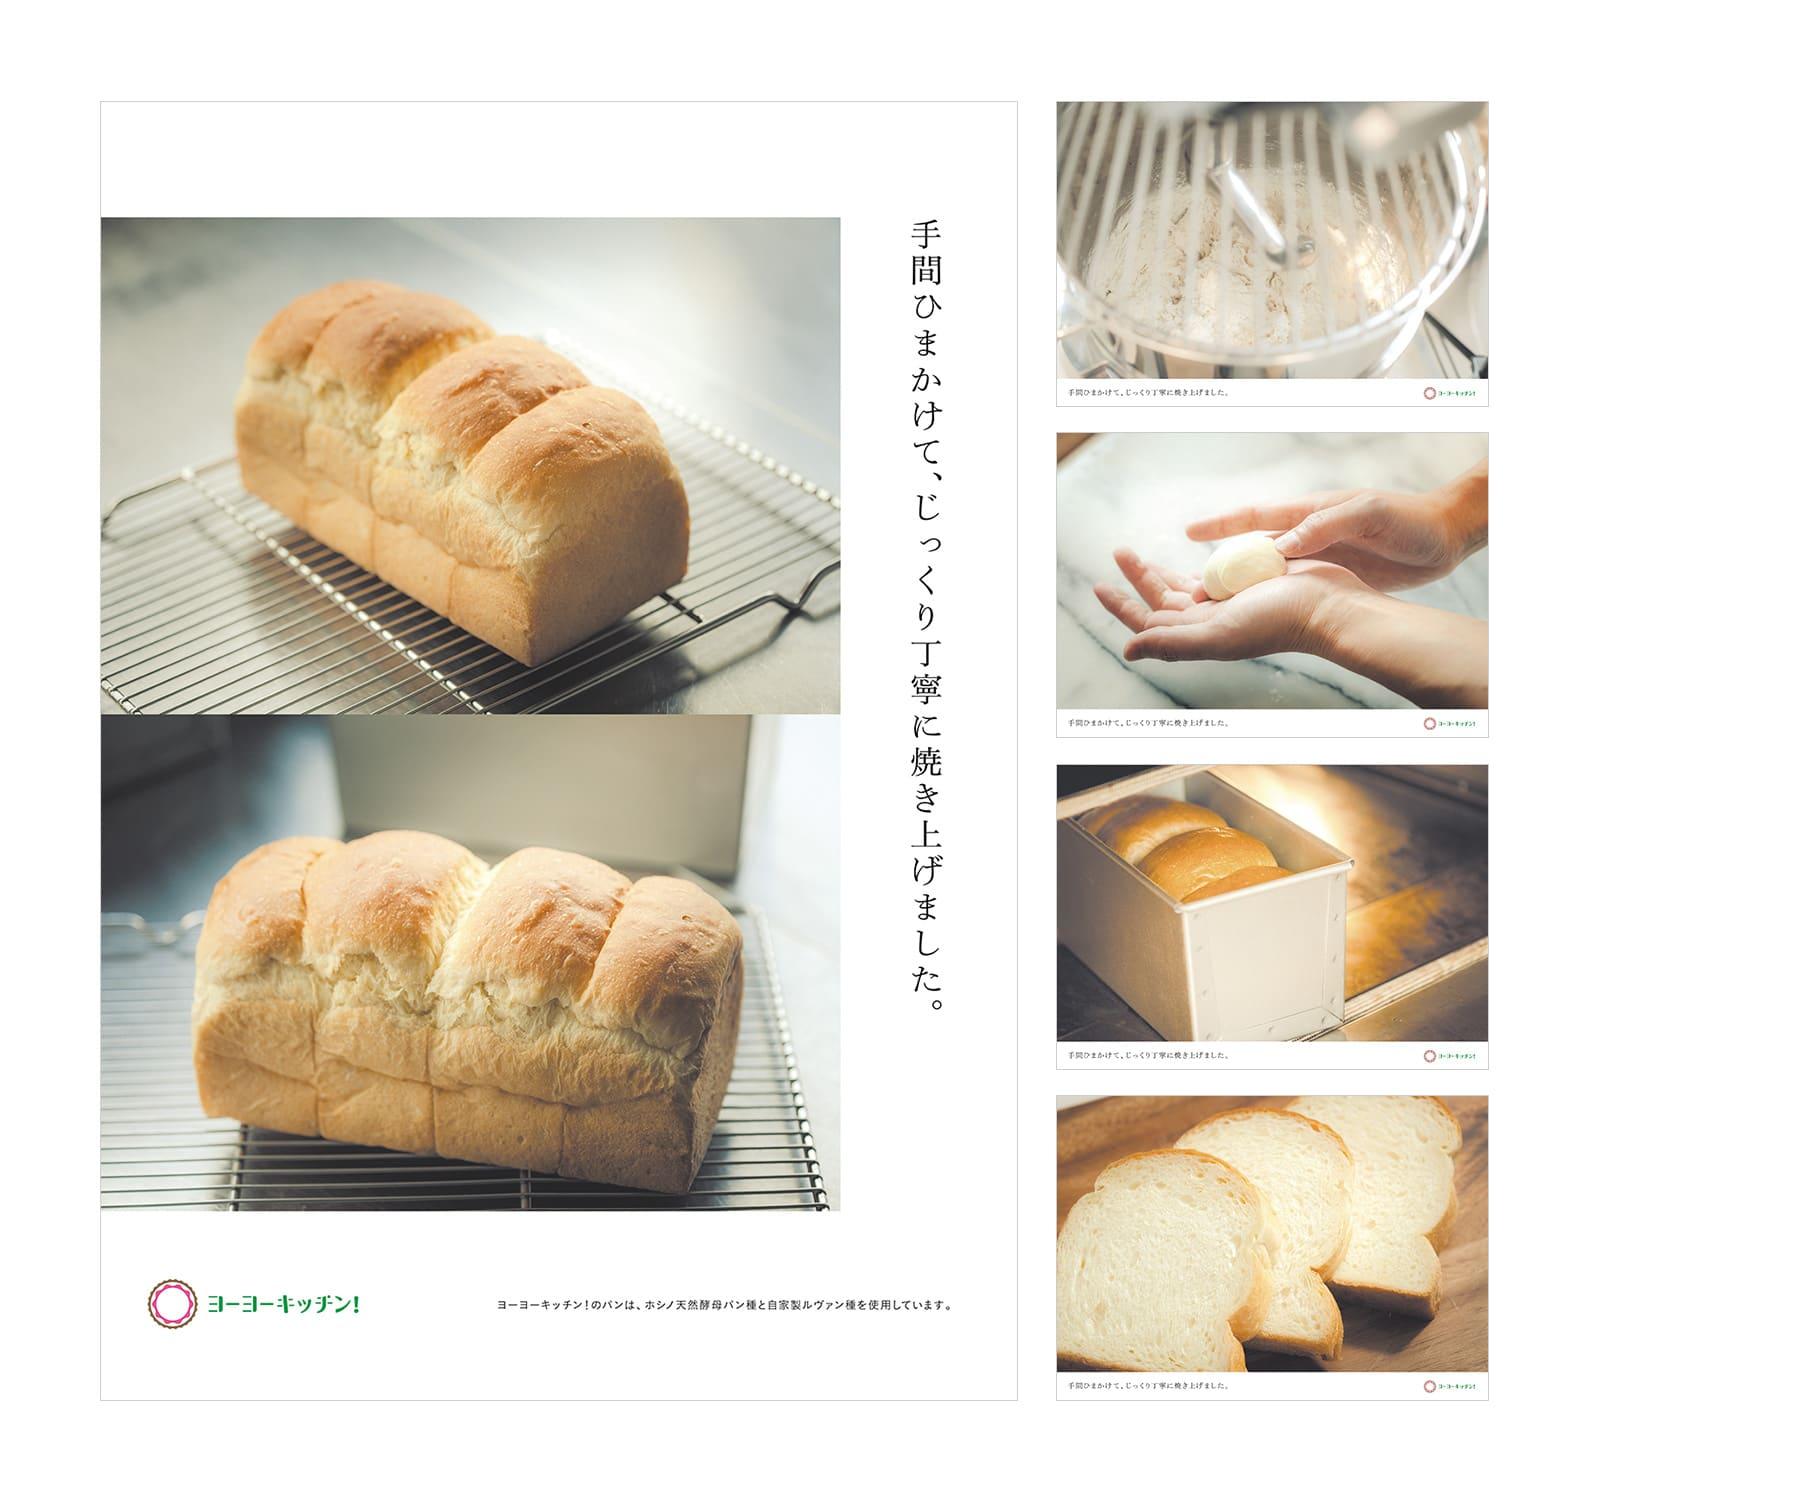 YOYO KITCHEN - Visual Identity, Website 3